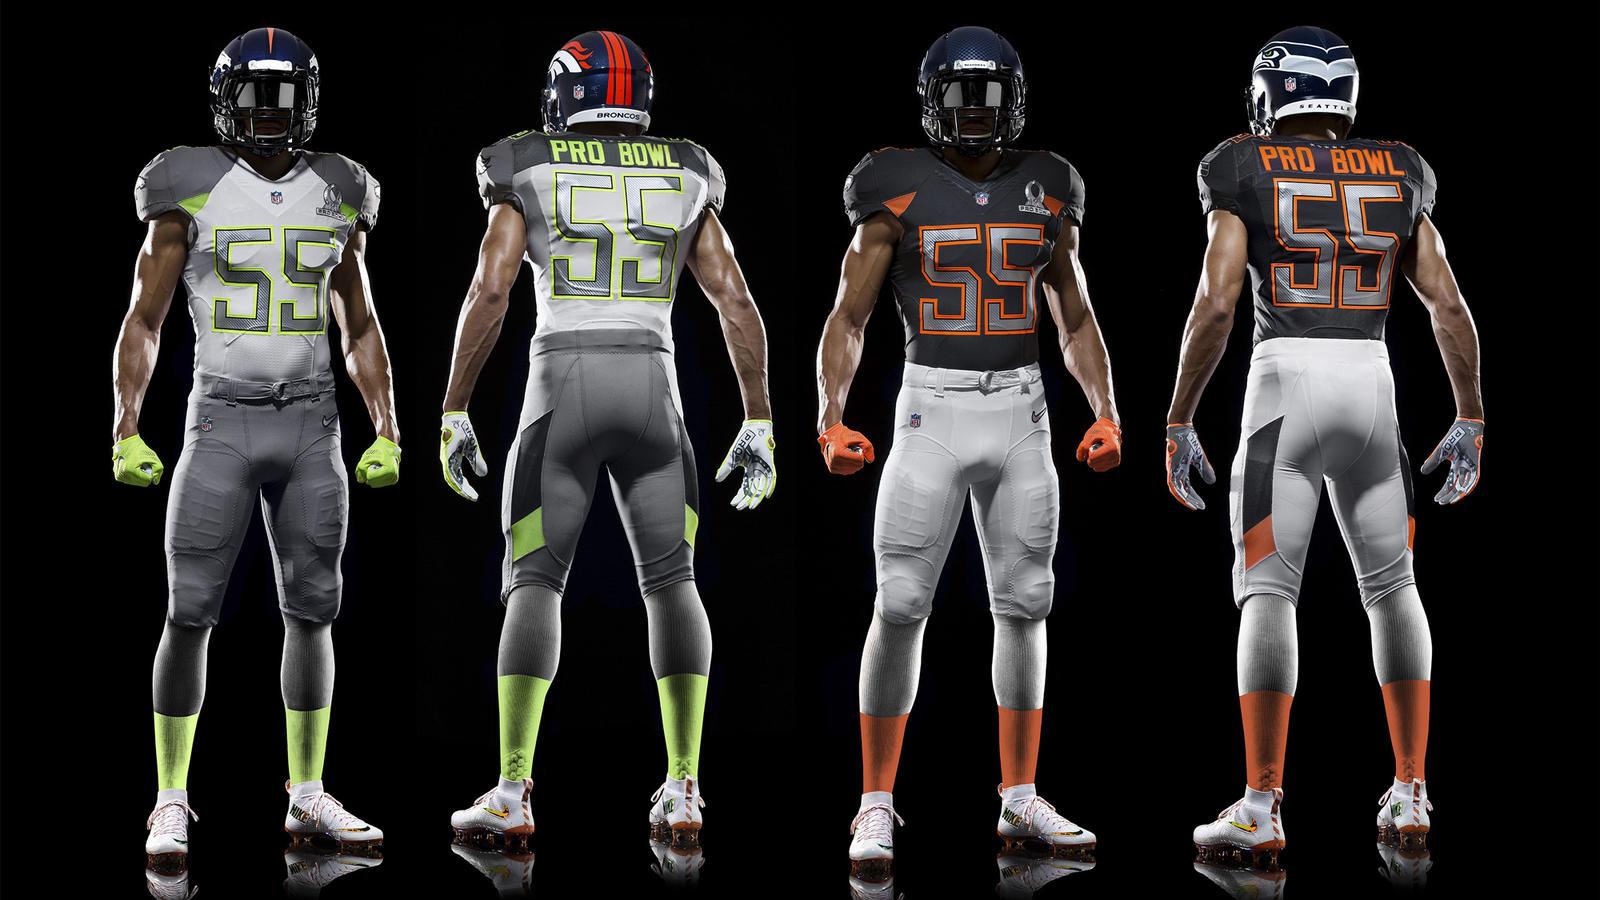 [NFL] Pro Bowl - Le divise e le nuove regole